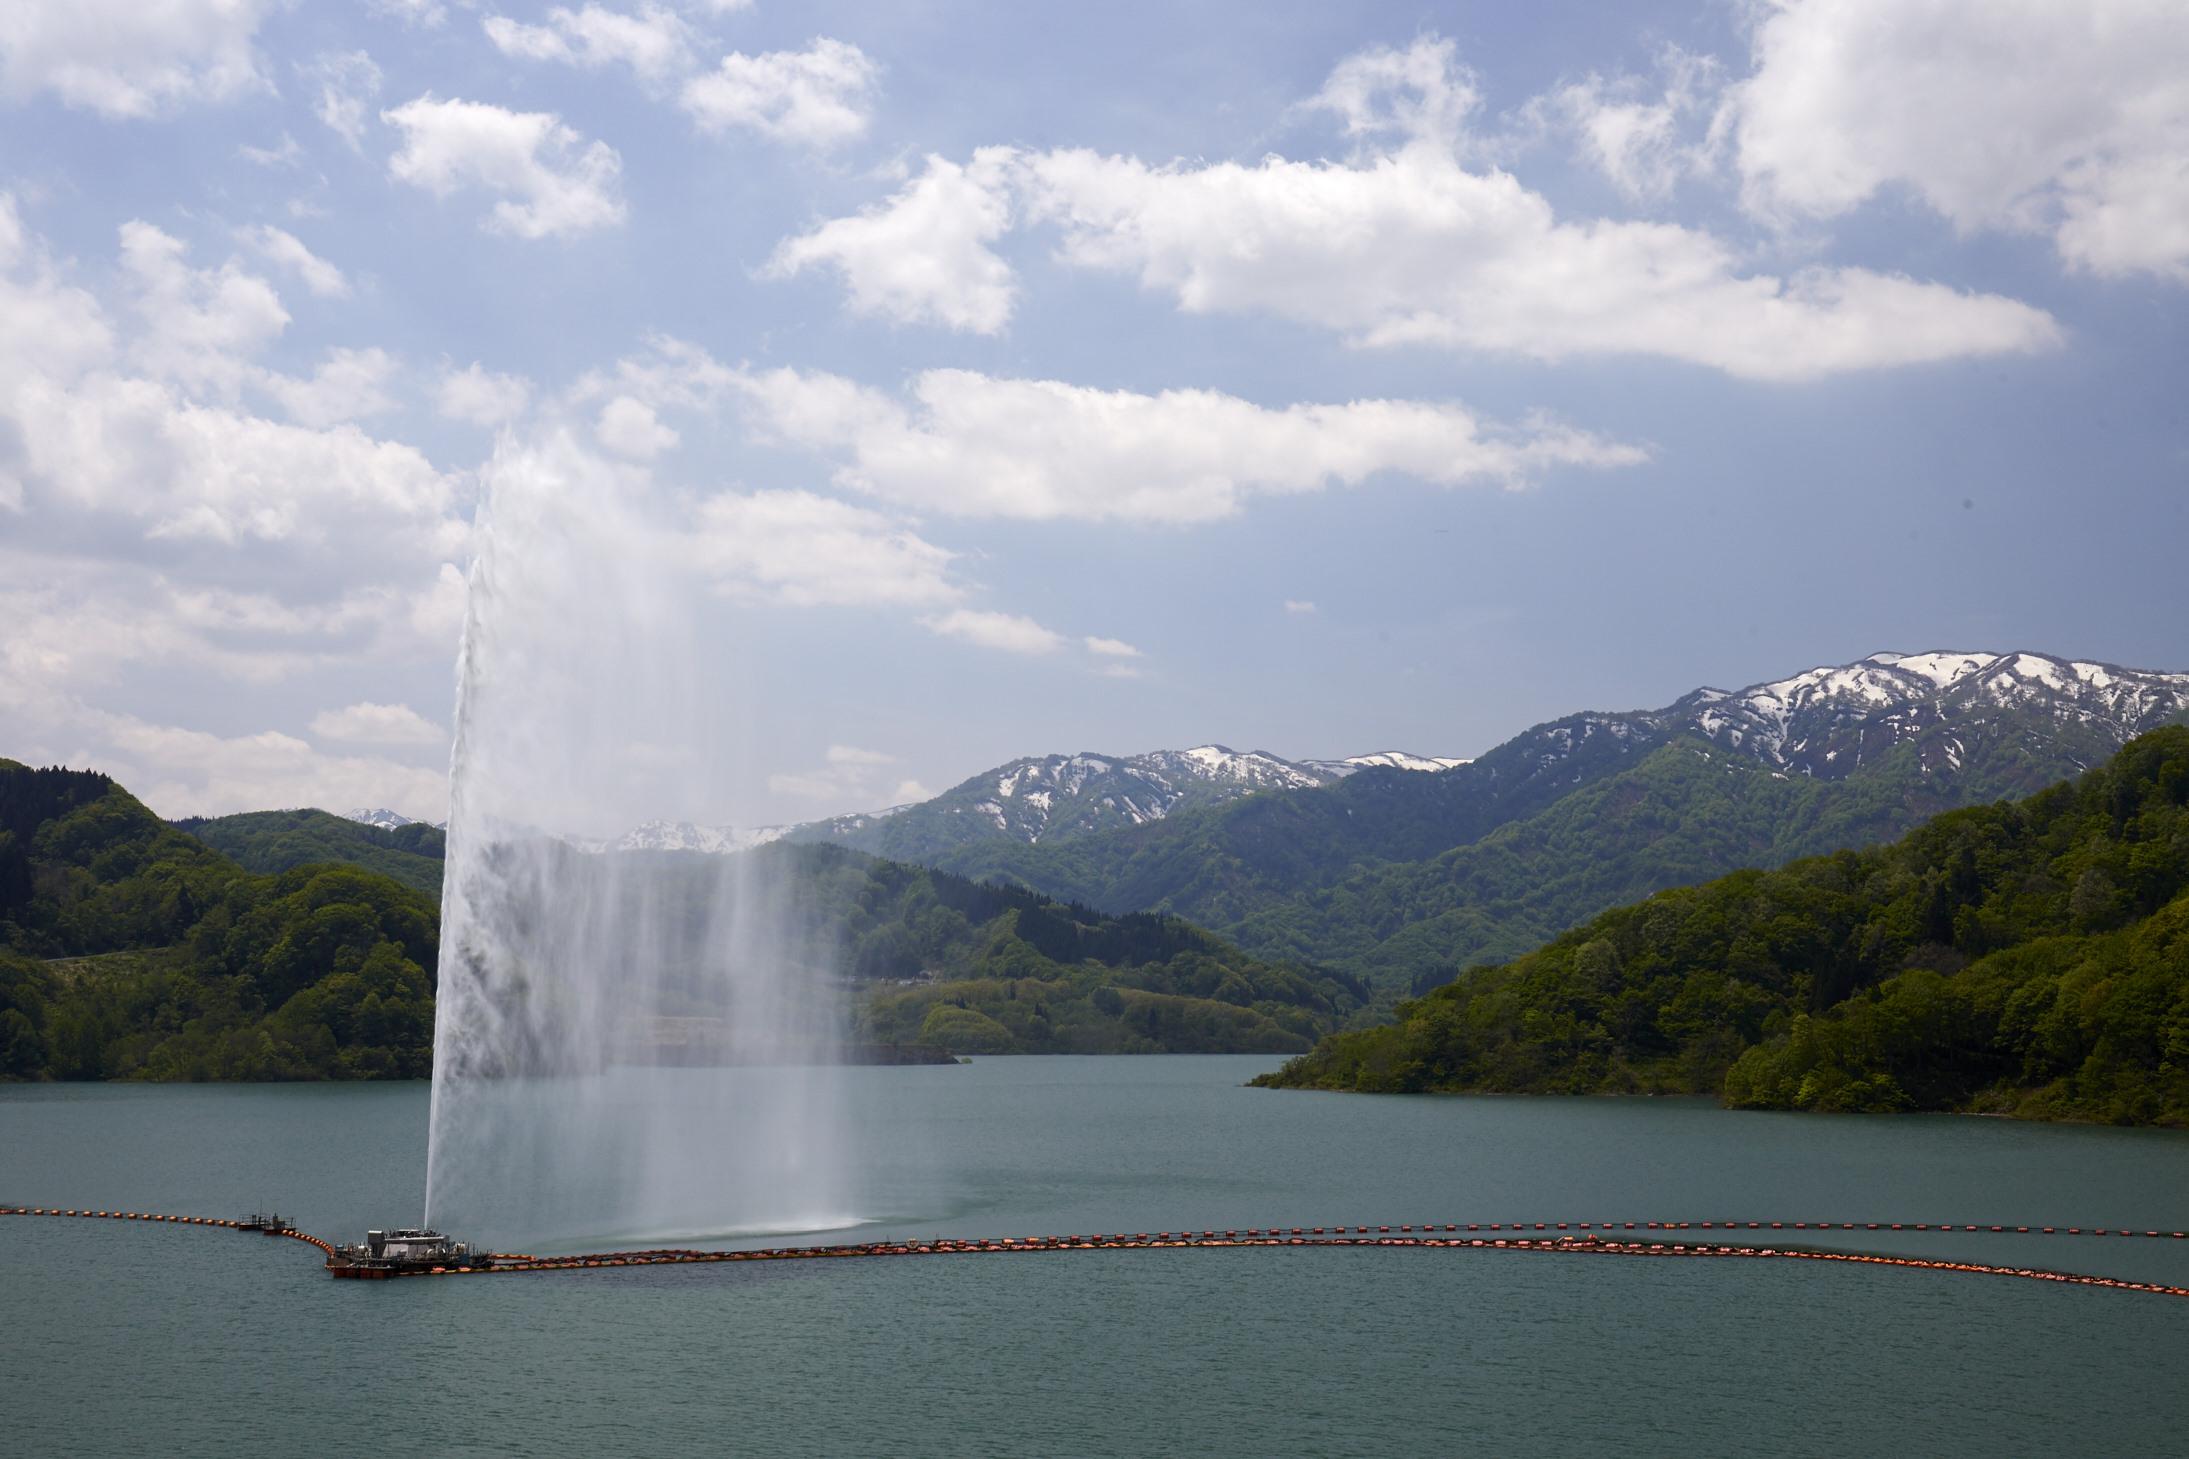 ちょーすけのお散歩写真 - 月山湖 大噴水